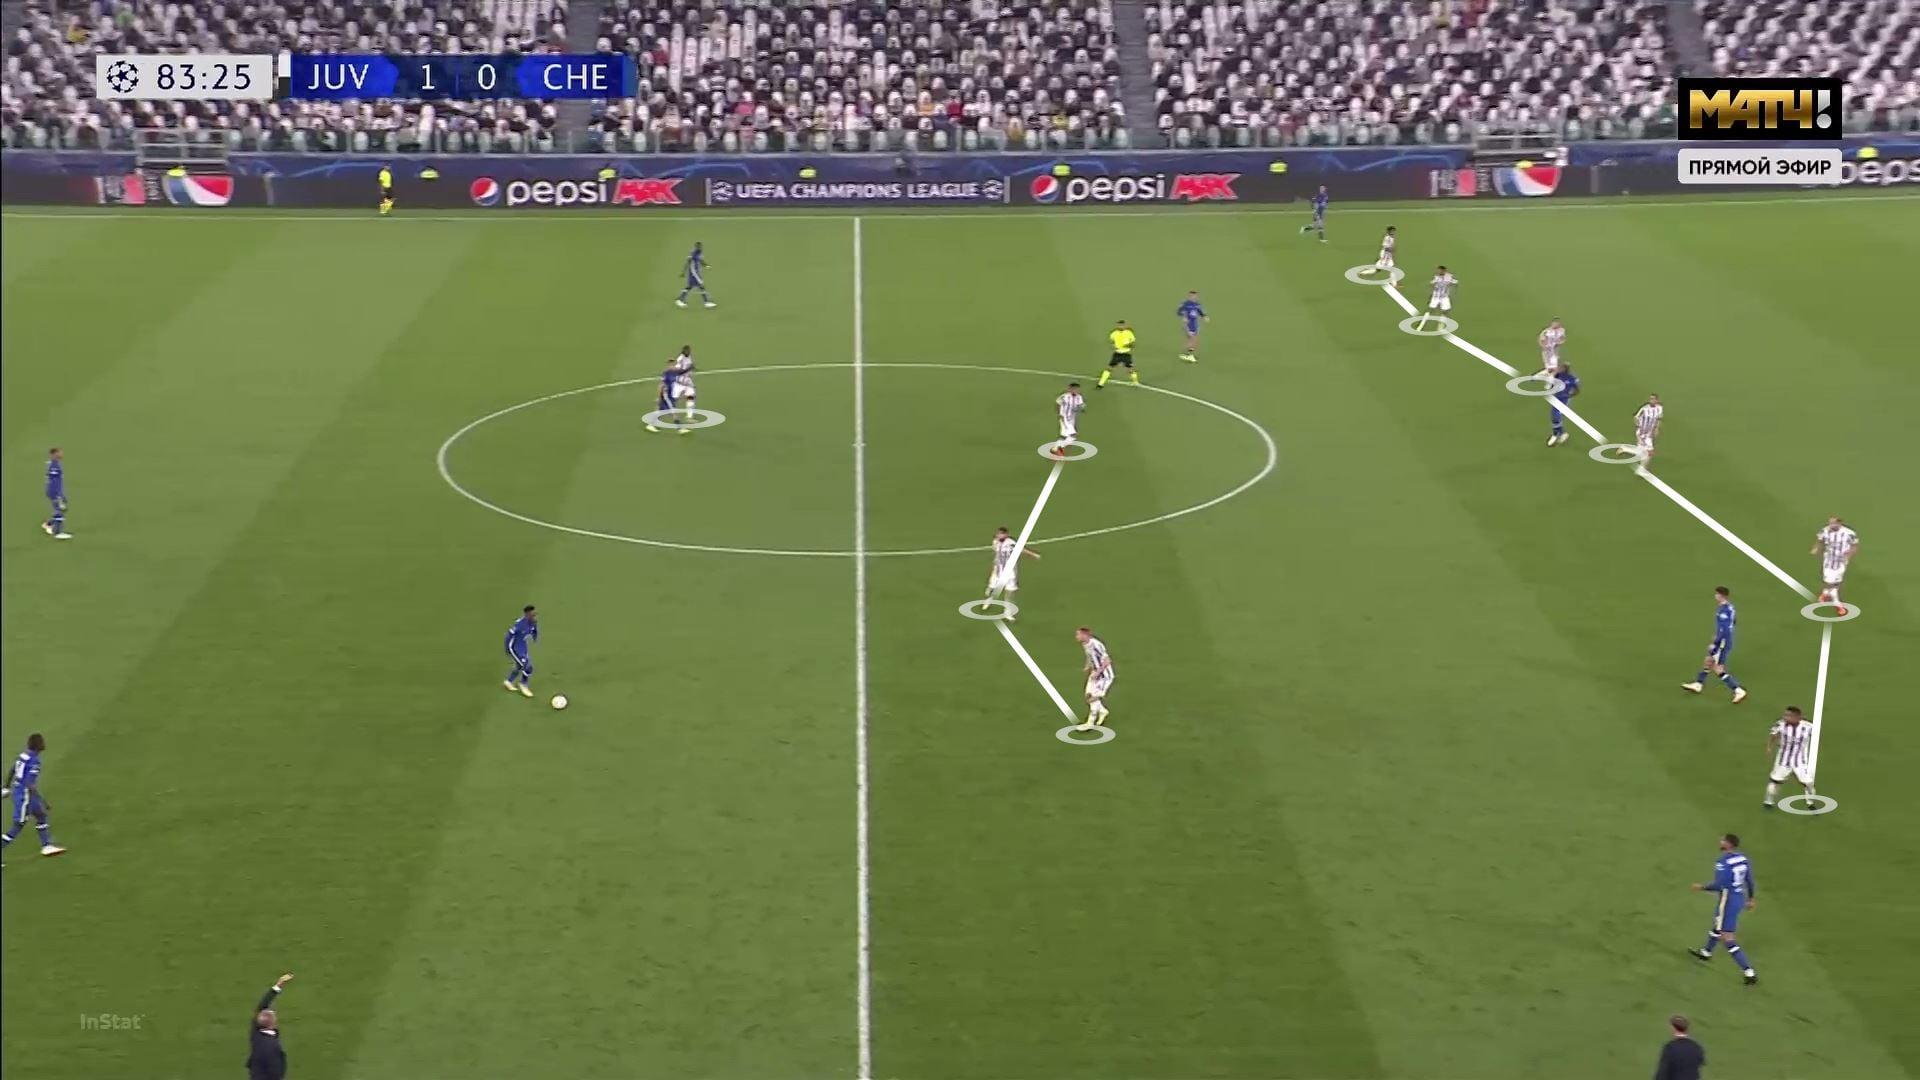 «Юве» против «Челси» – тактический триллер. Аллегри победил, использовав по ходу матча 6 схем